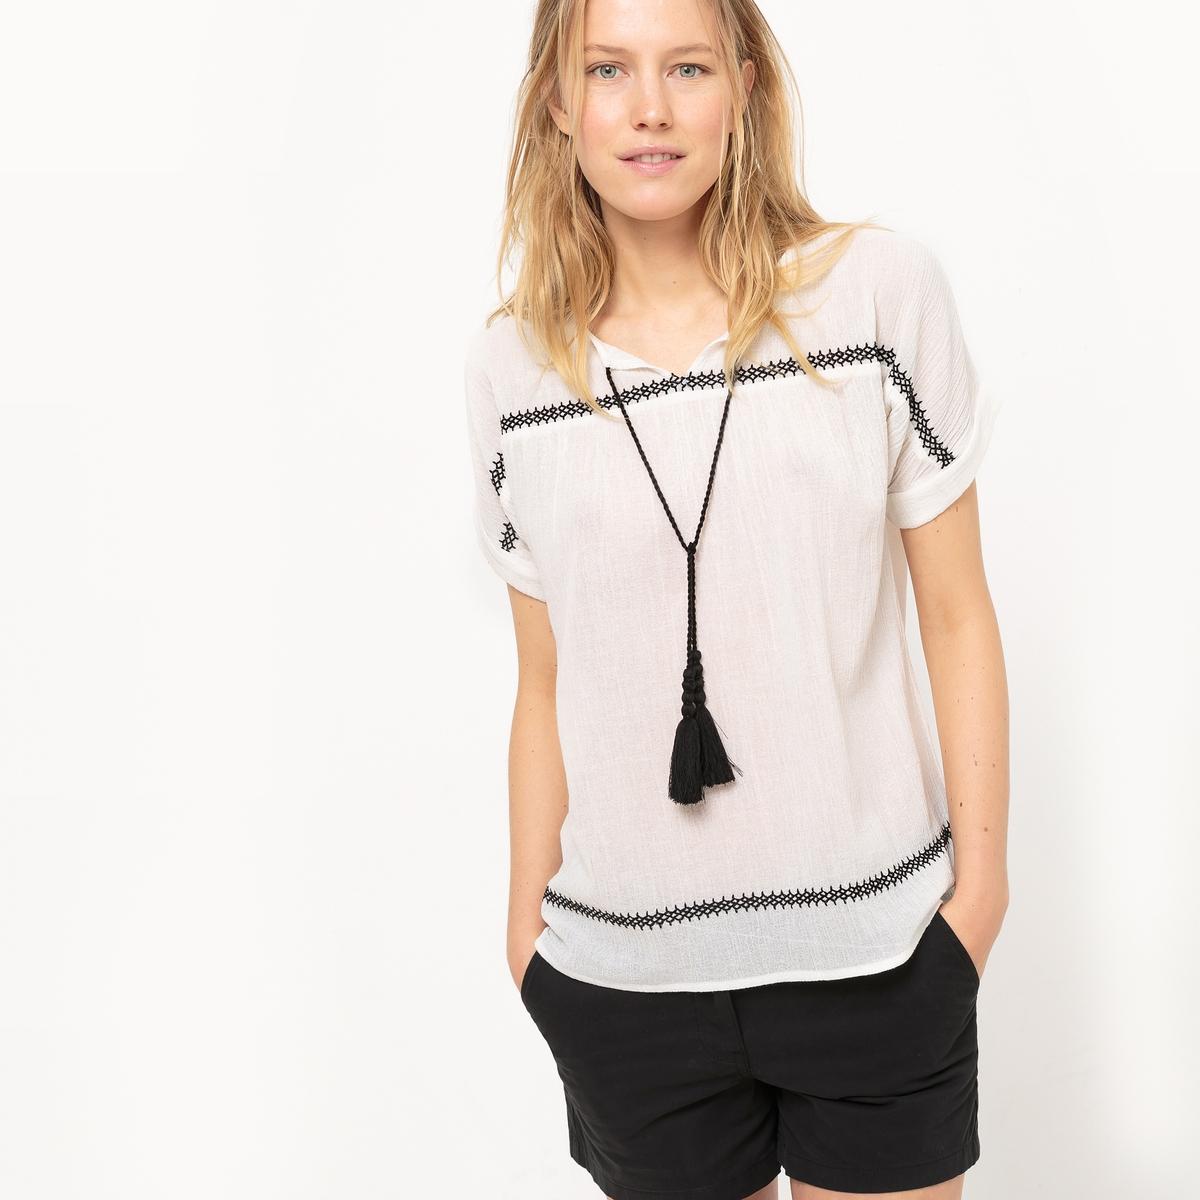 Блузка из жатого хлопка, короткие рукава